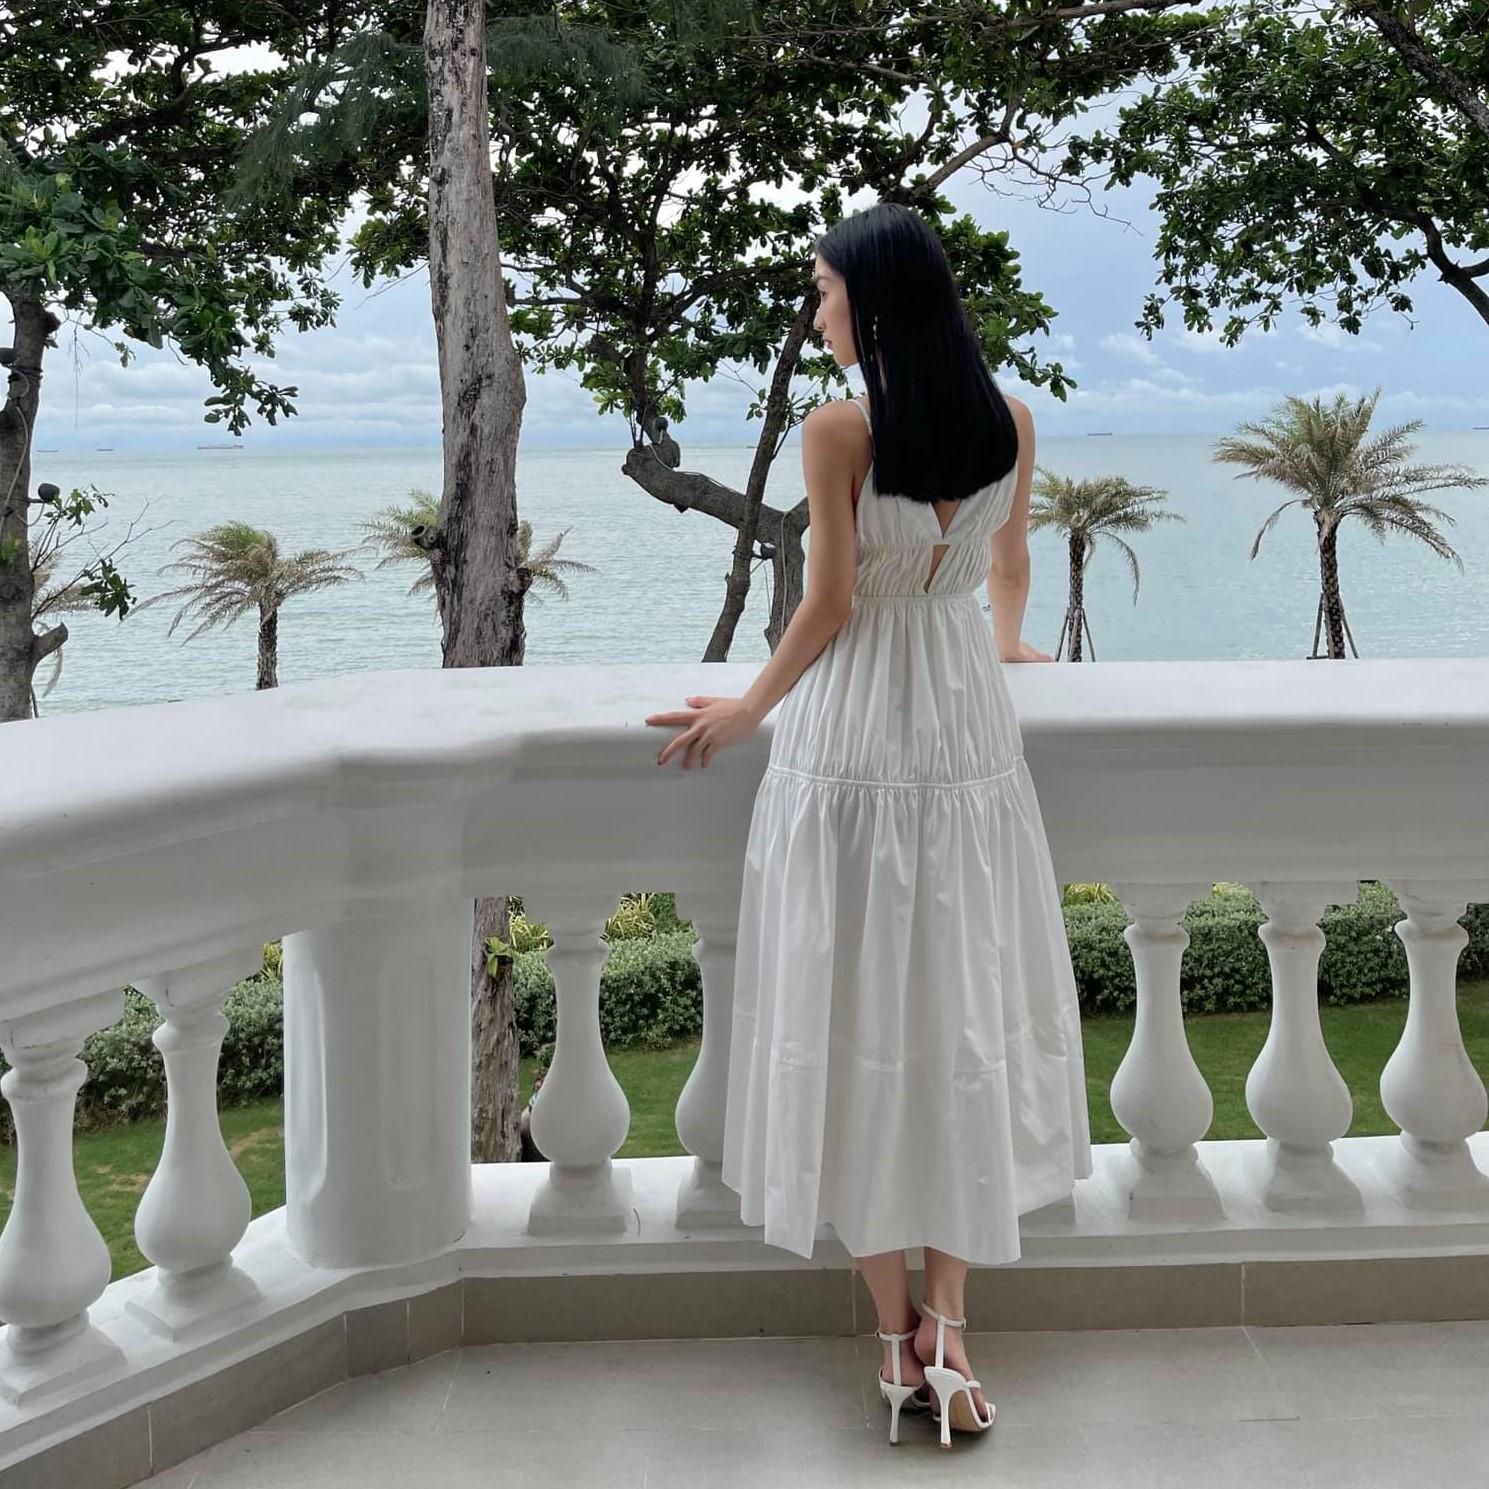 Đi Vũng Tàu nghỉ ngơi nhưng Jun Vũ liền bỏ túi bộ ảnh quyền quý như công chúa